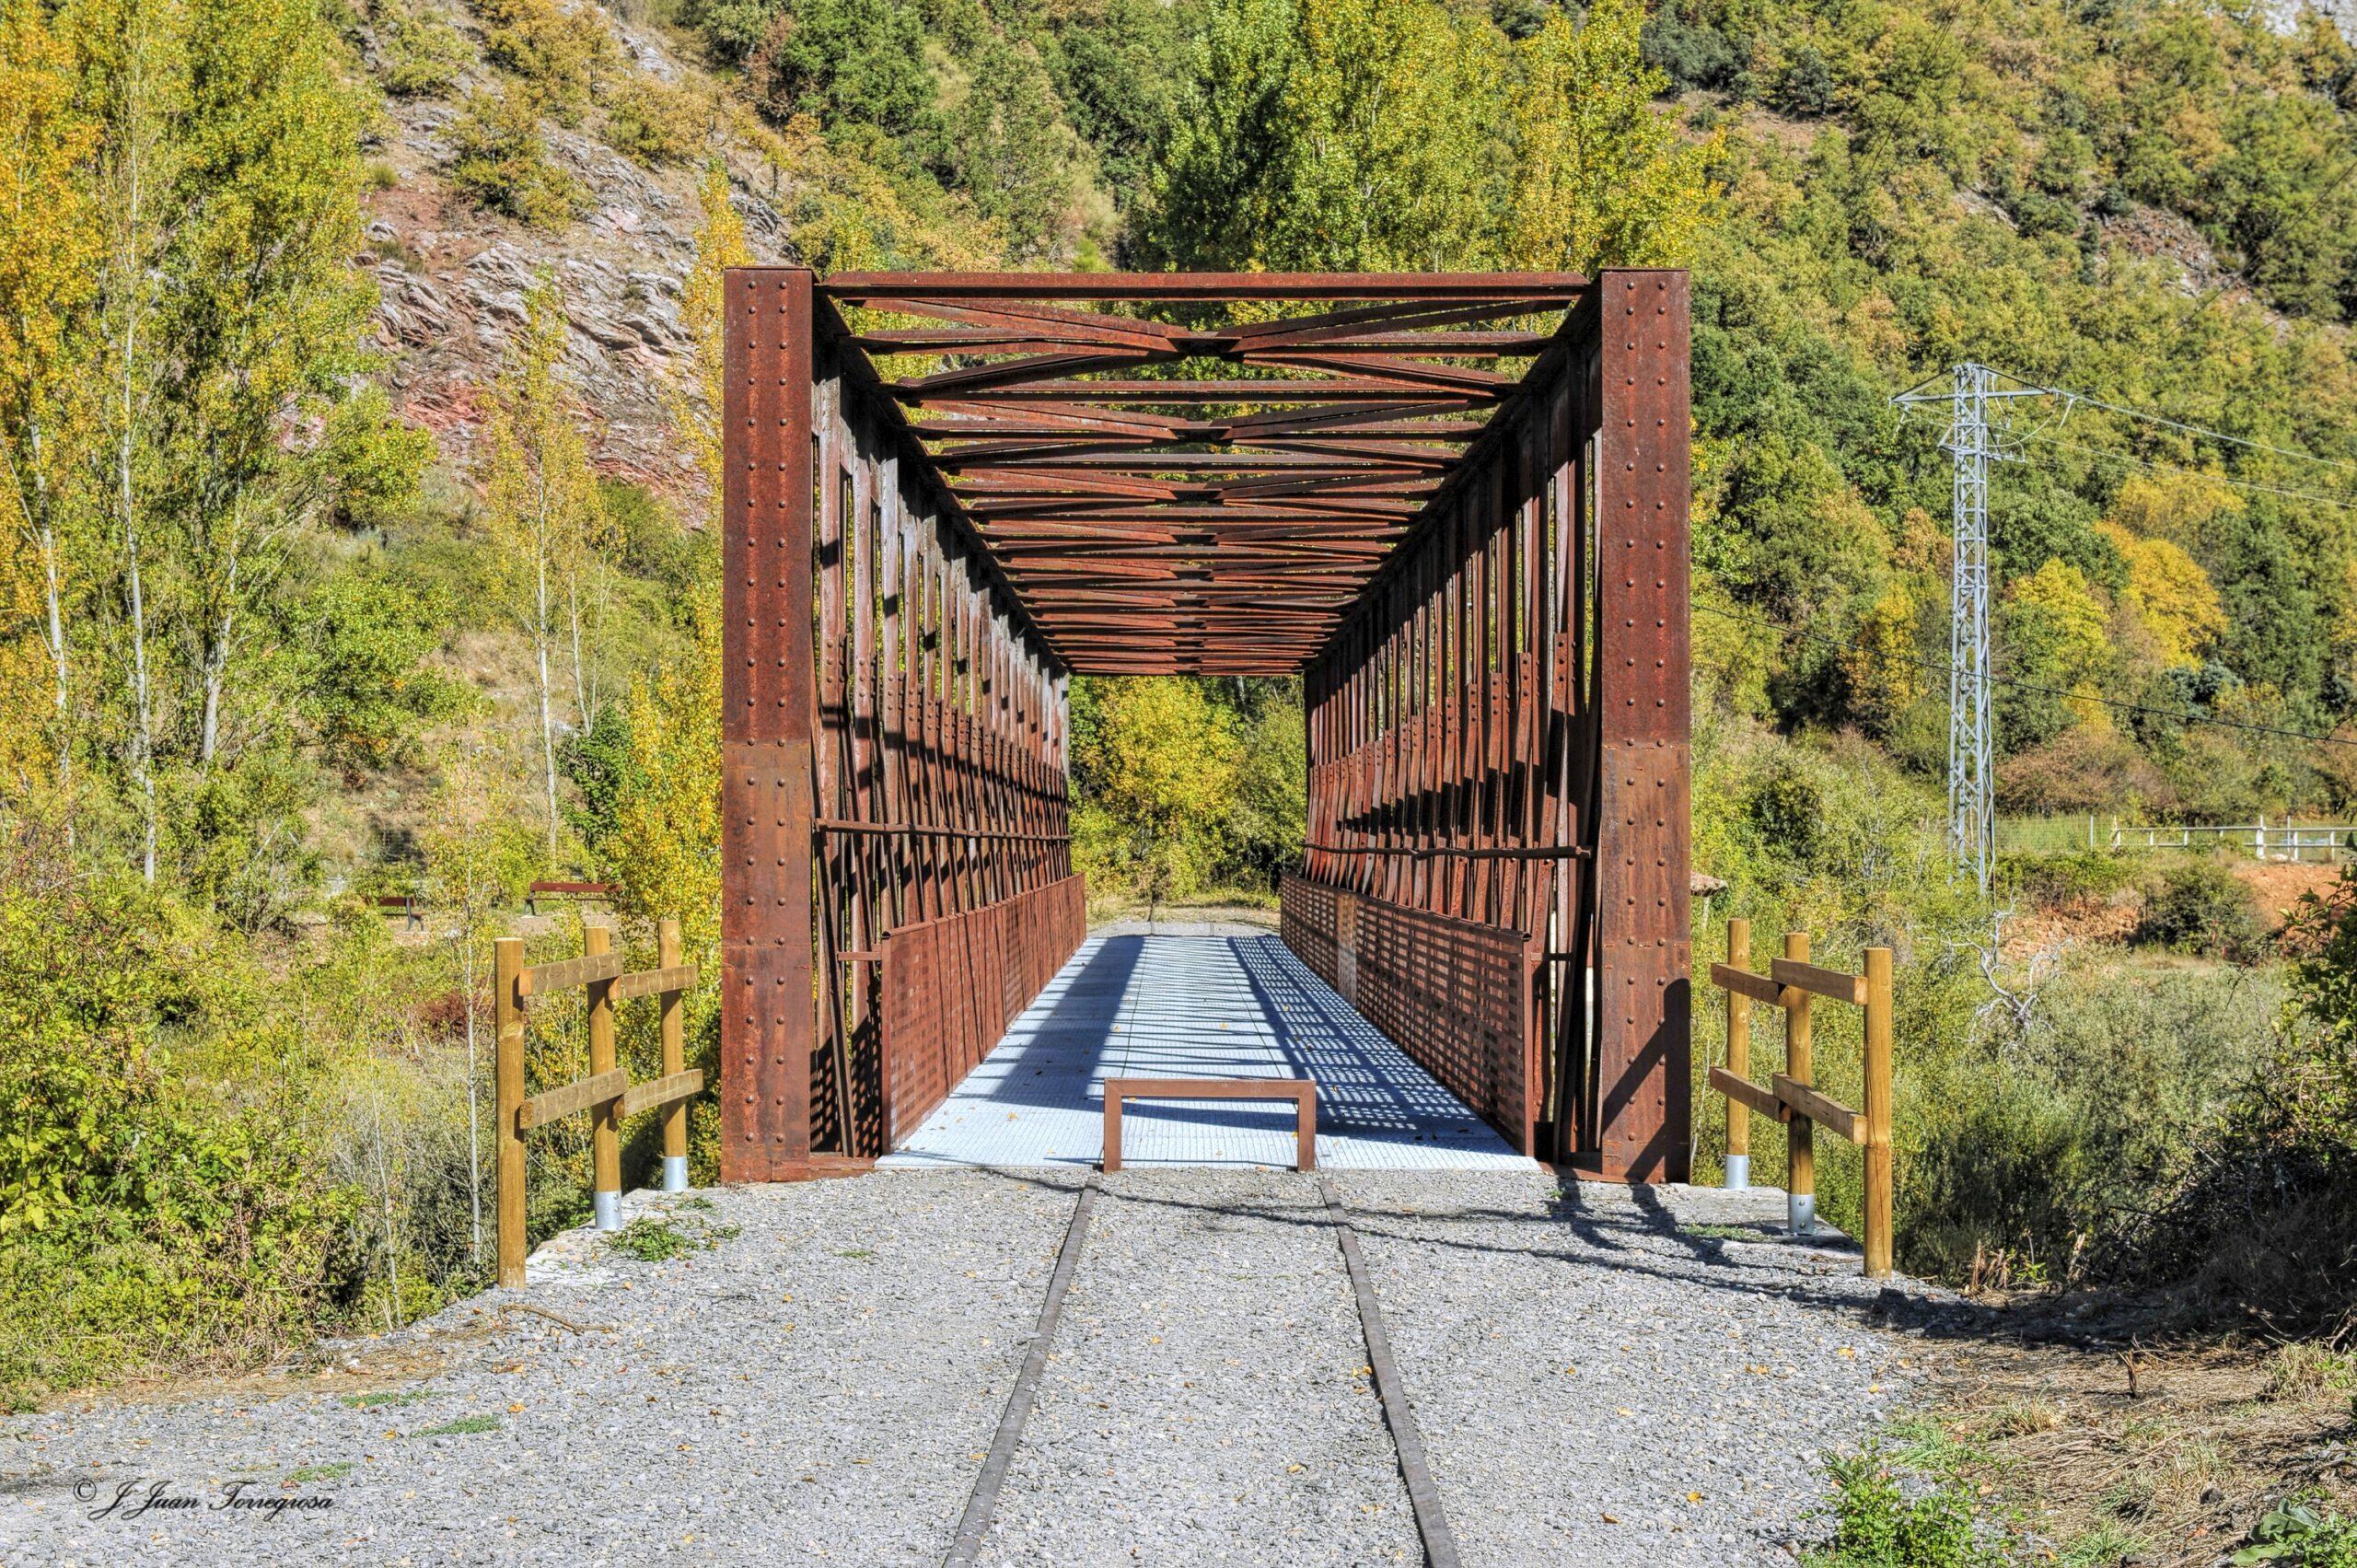 Puente de hierro00 – copia